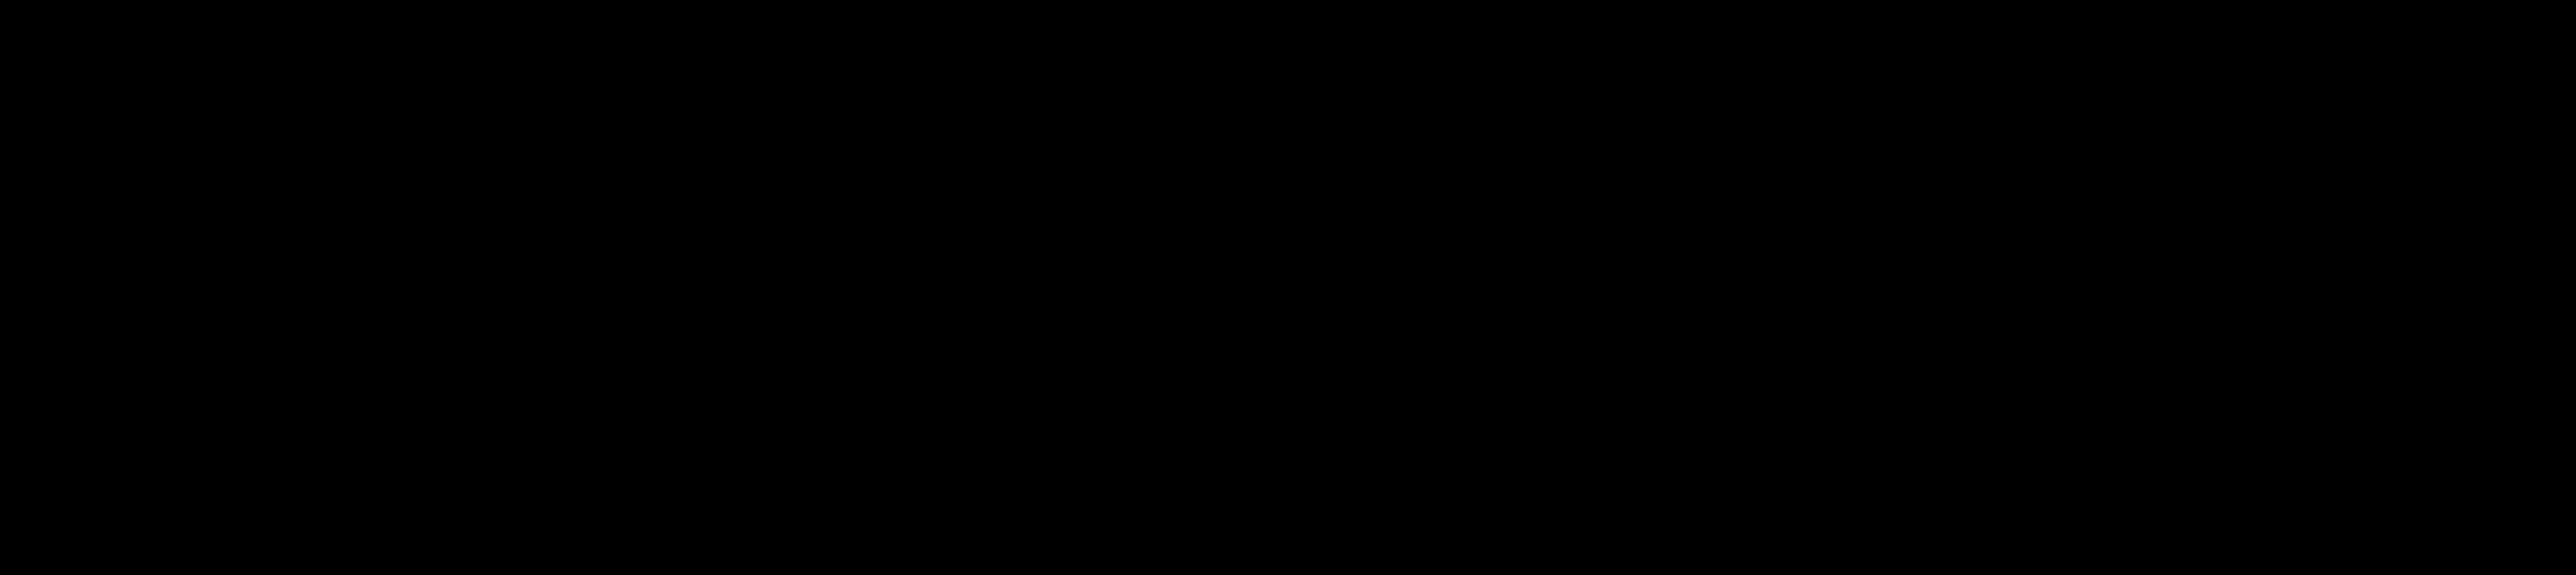 klarna_logo_black